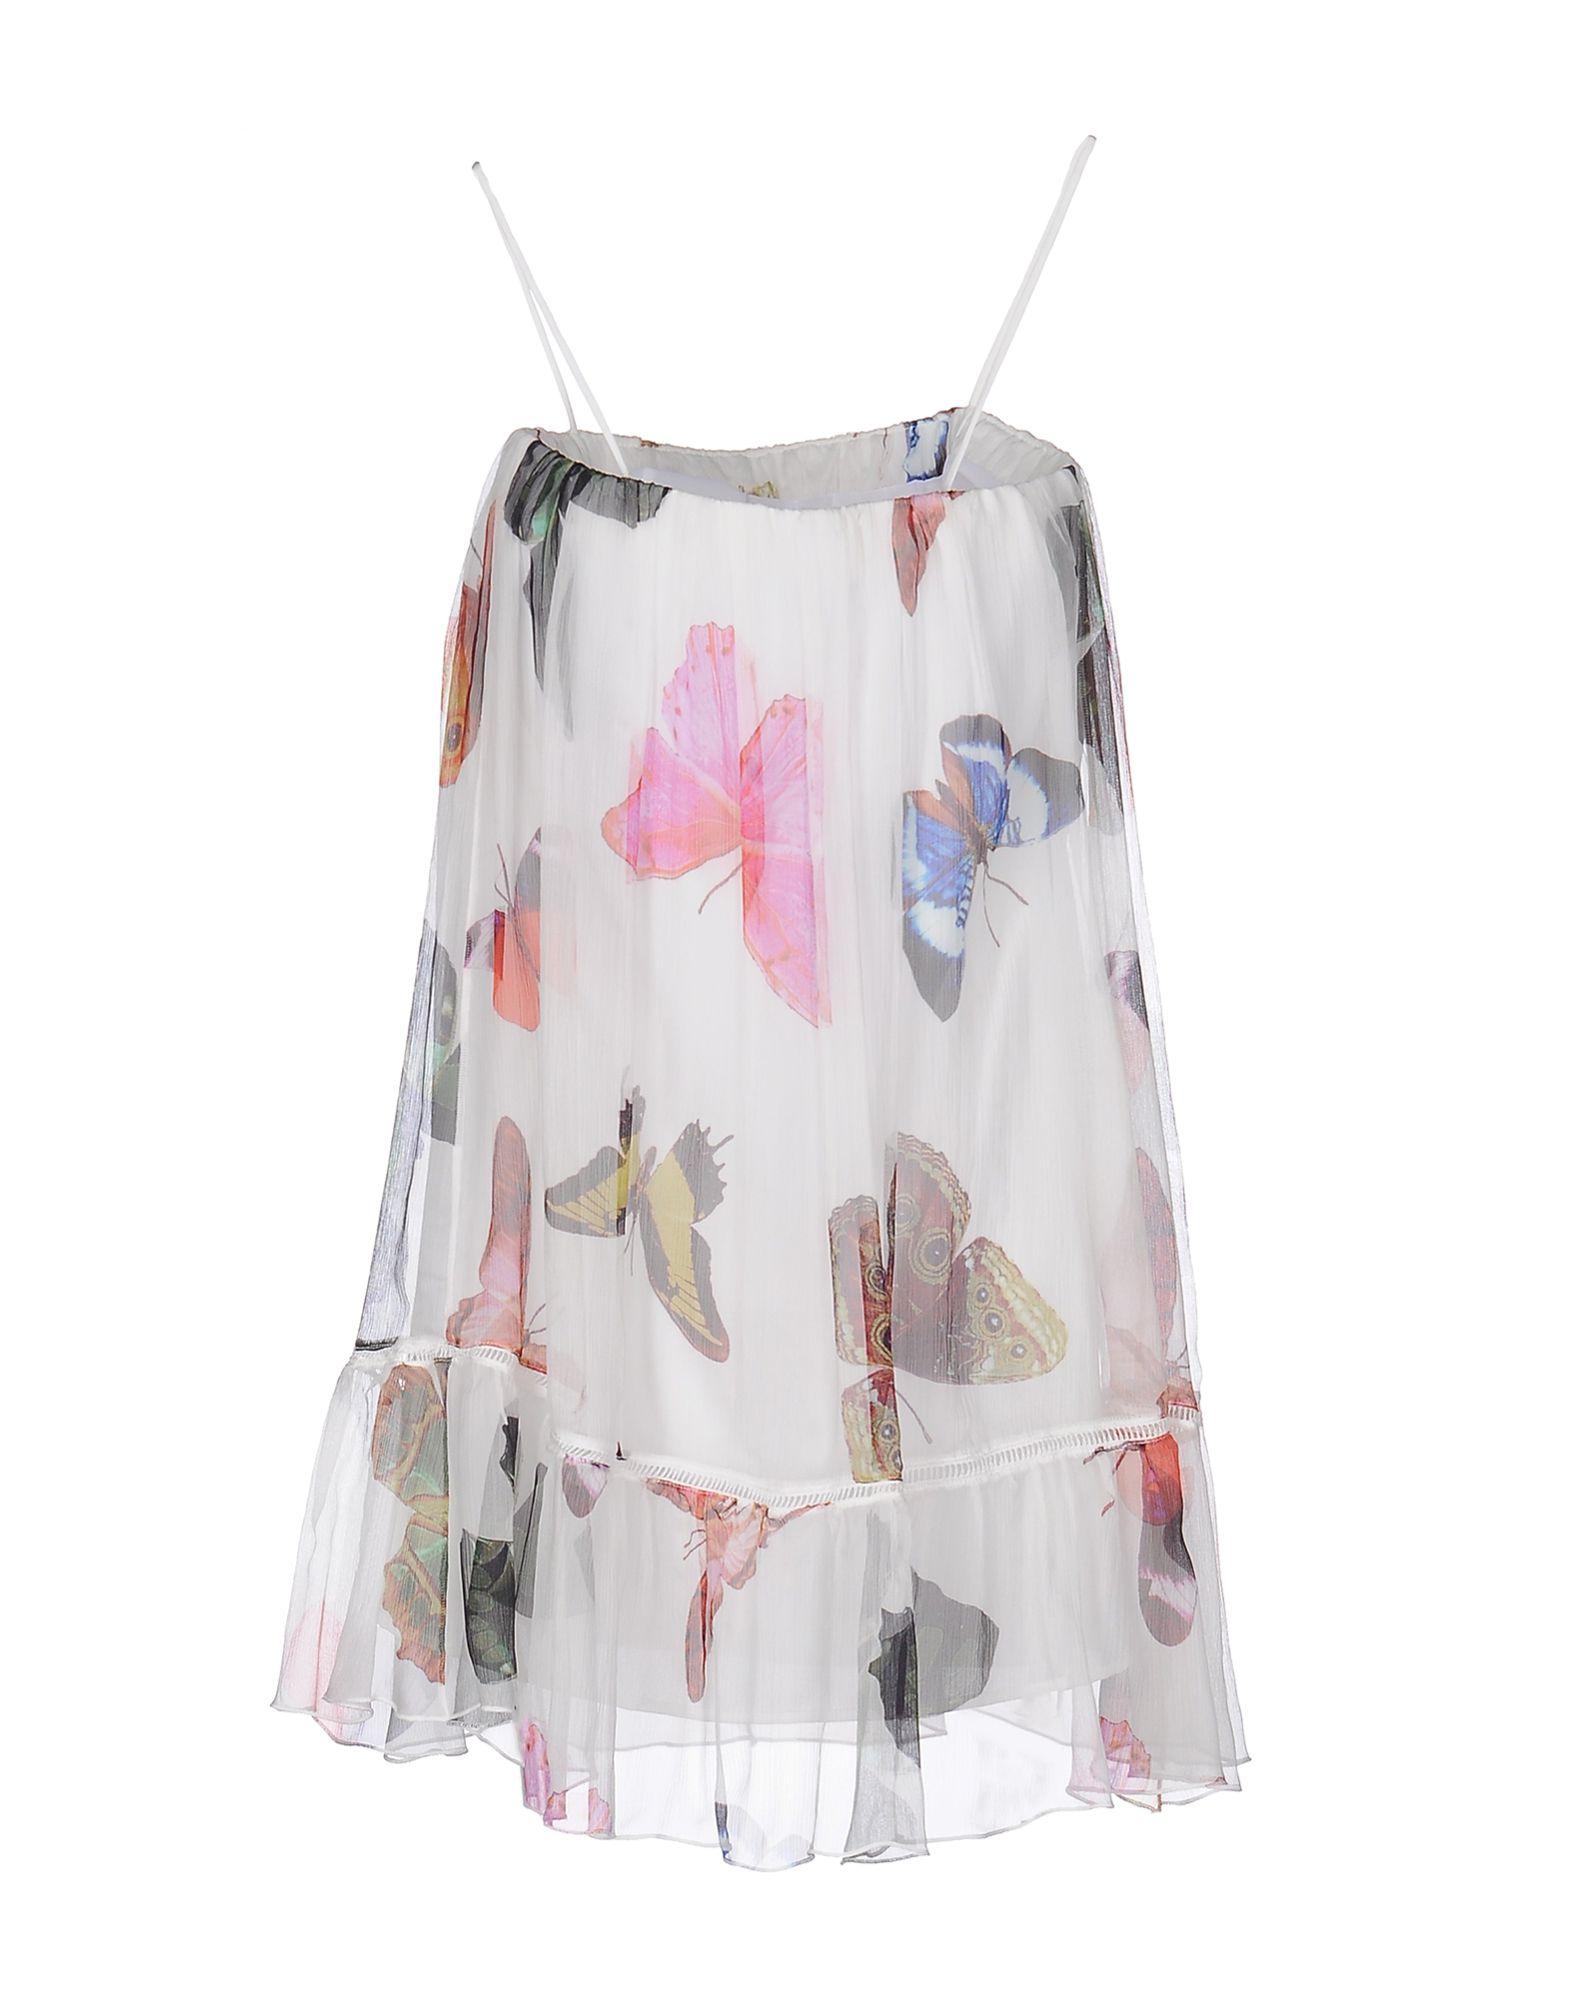 ATOS LOMBARDINI Короткое платье lovaru ™летом стиль 2015 шифон рукавов шить цветной печати мини платье моды случайные платье